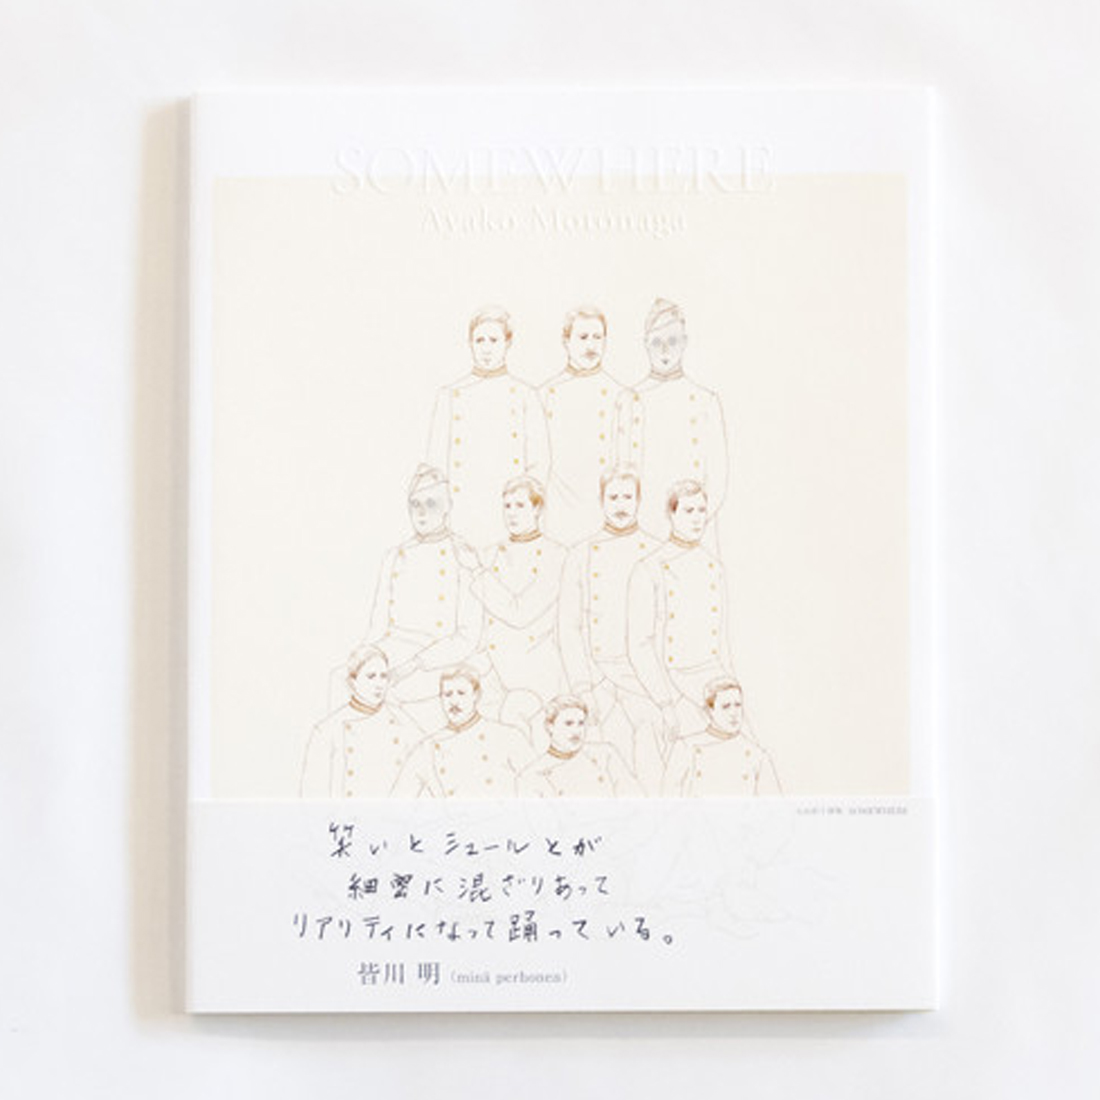 ビジュアルブック「SOMEWHERE 」